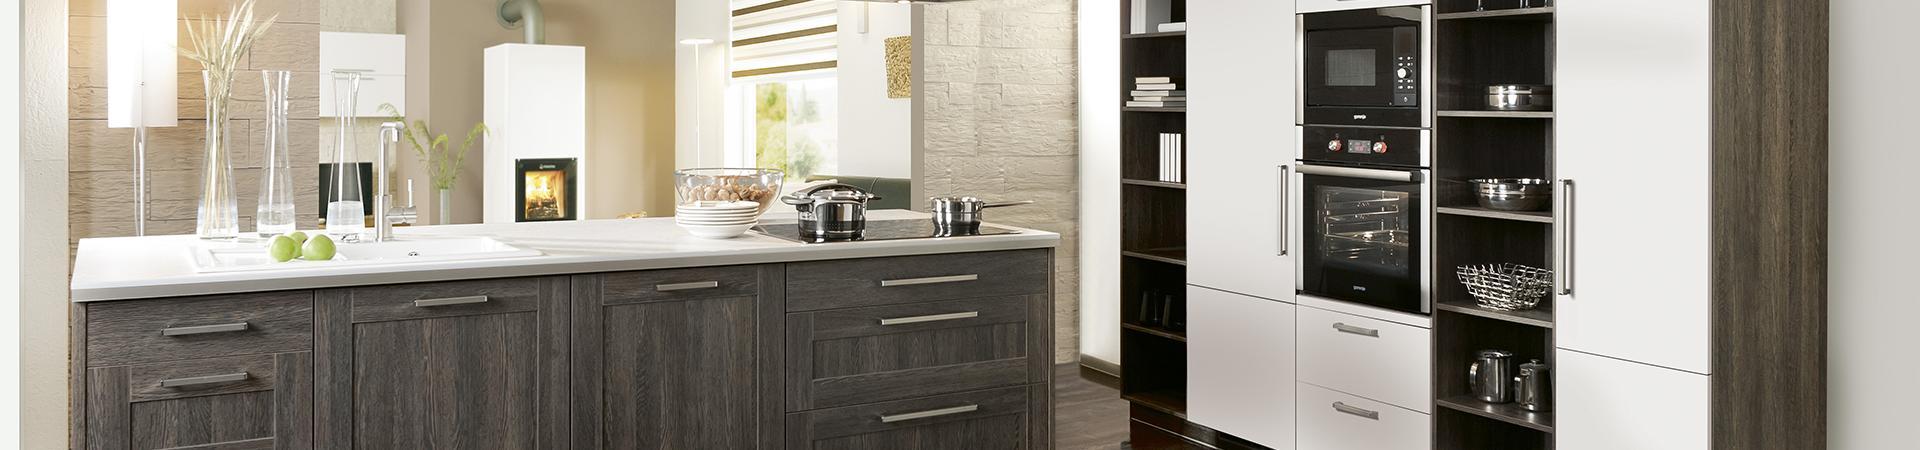 Full Size of Küchen Ideen Neue Kche Kaufen Wohnzimmer Tapeten Bad Renovieren Regal Wohnzimmer Küchen Ideen